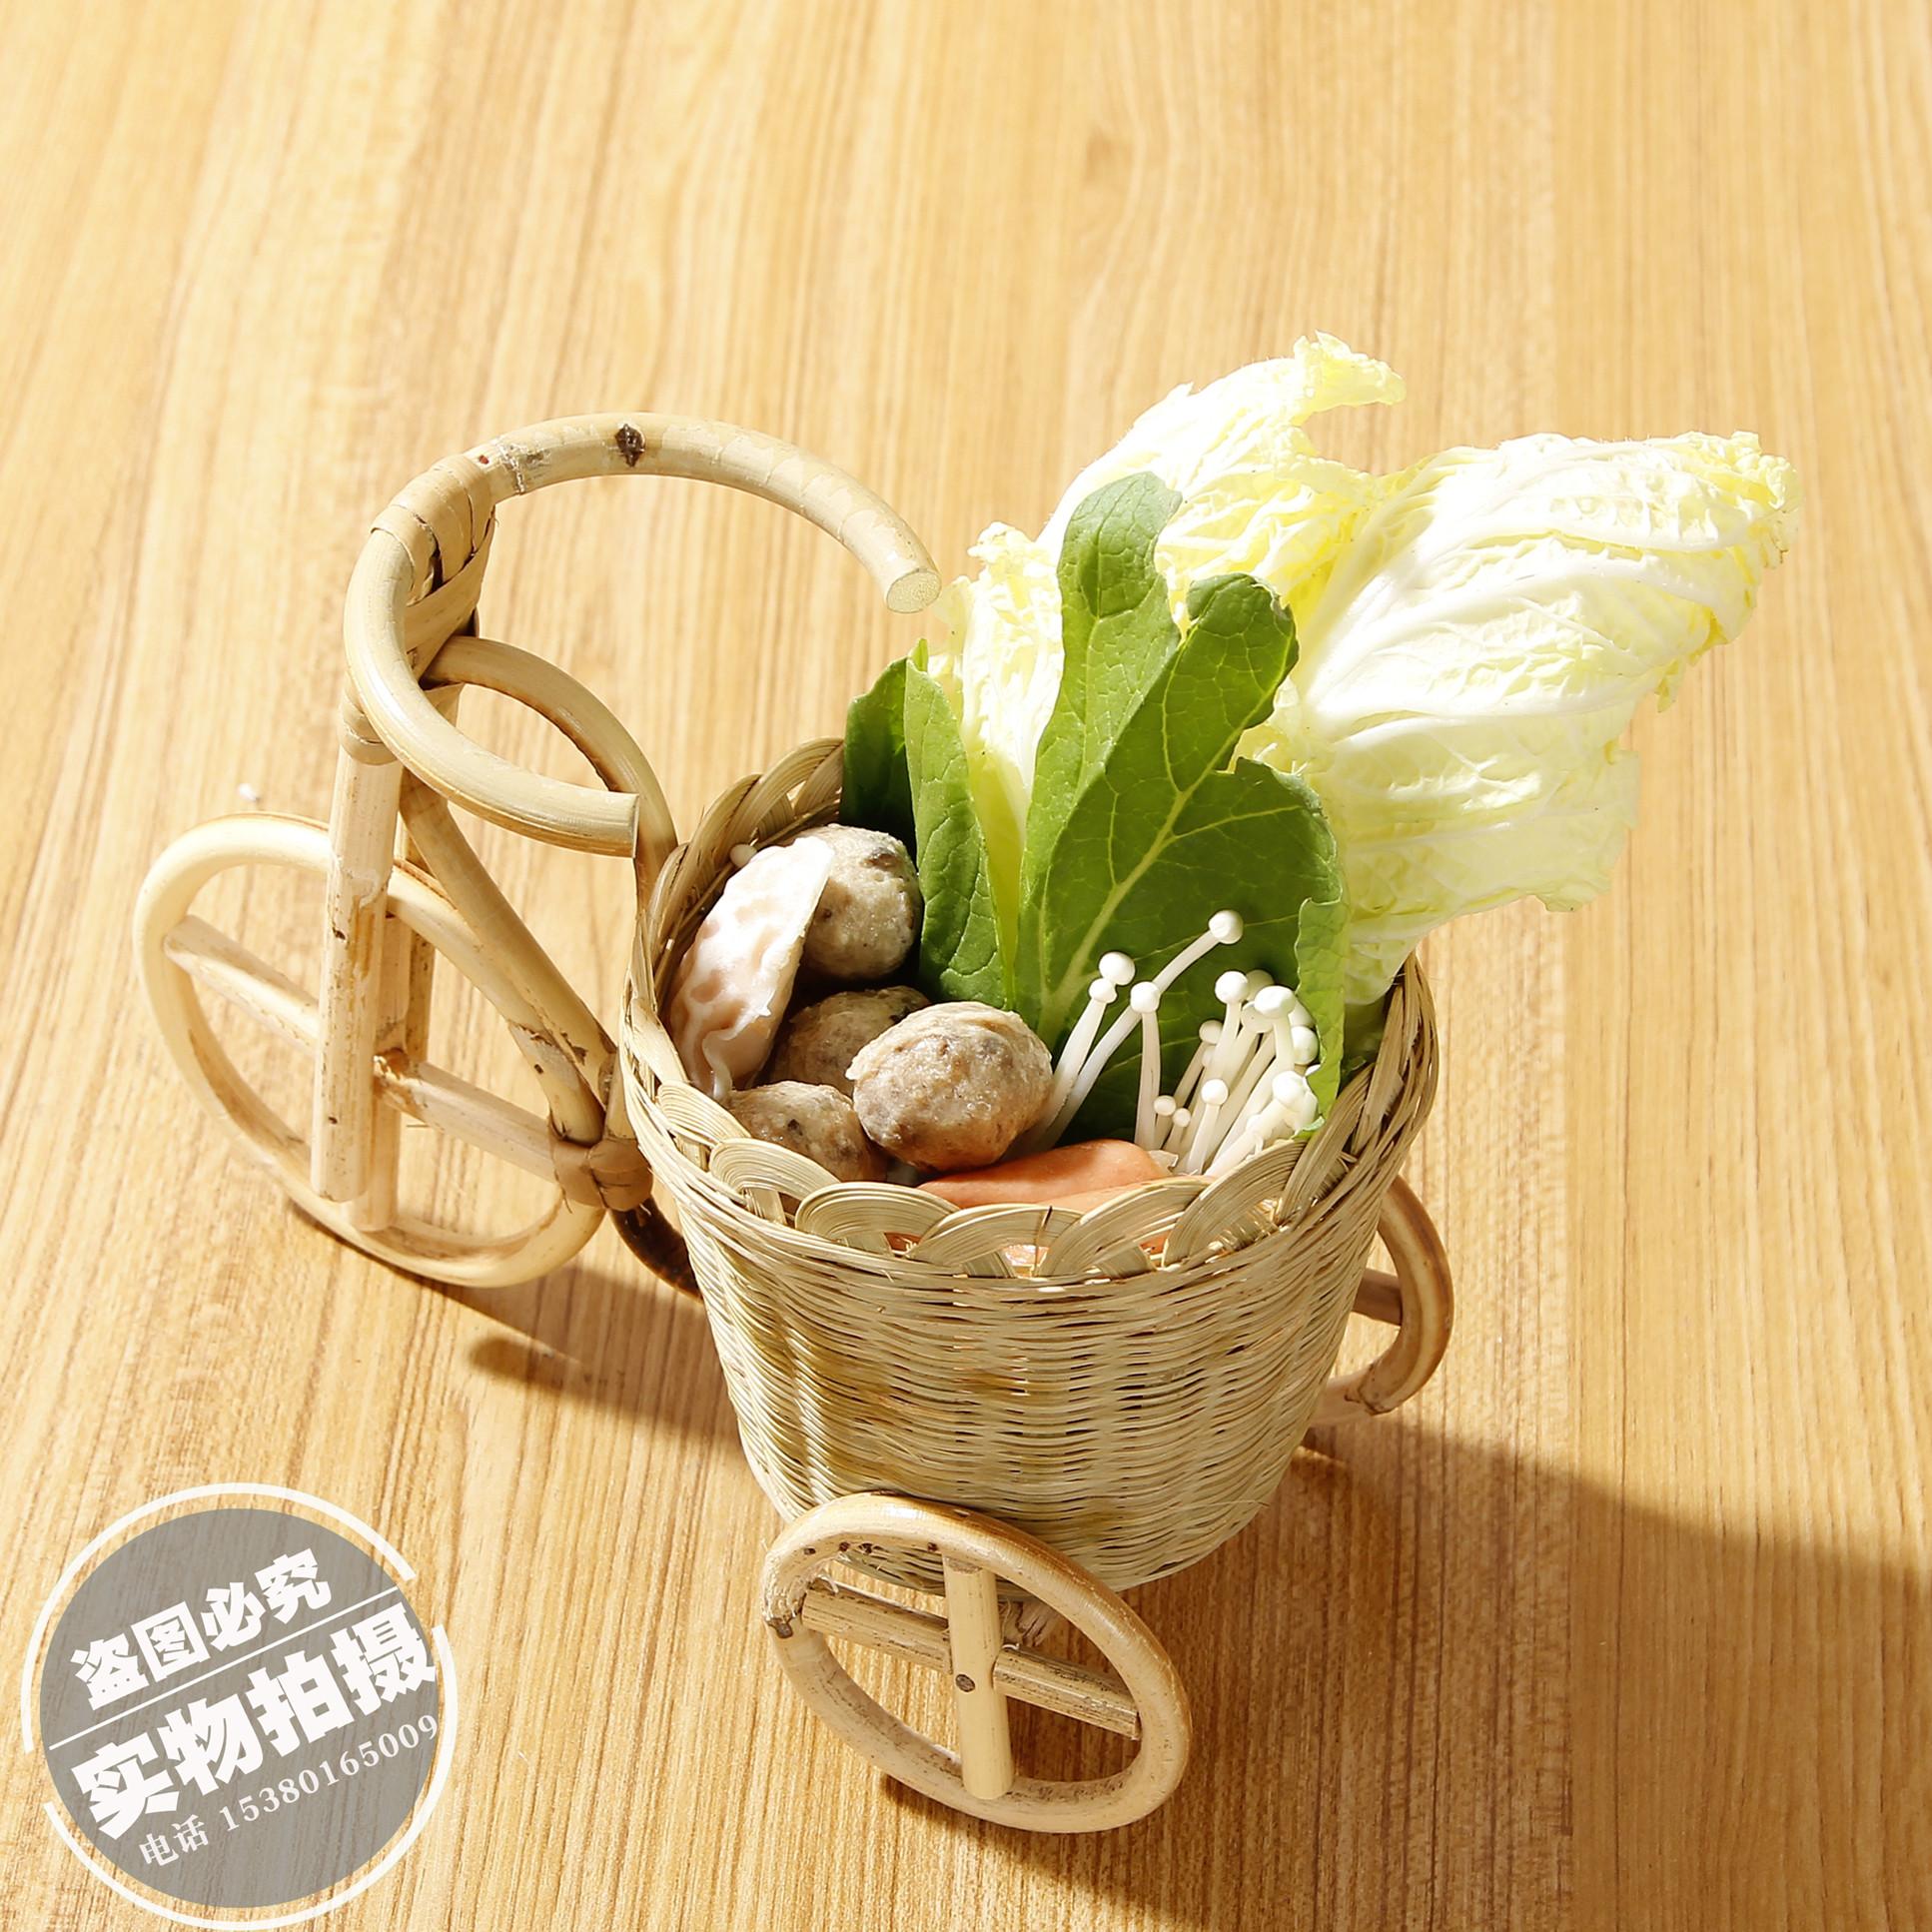 创意火锅店菜篮子特色餐具用品竹编凉菜盘子自行车三轮车蔬菜餐盘